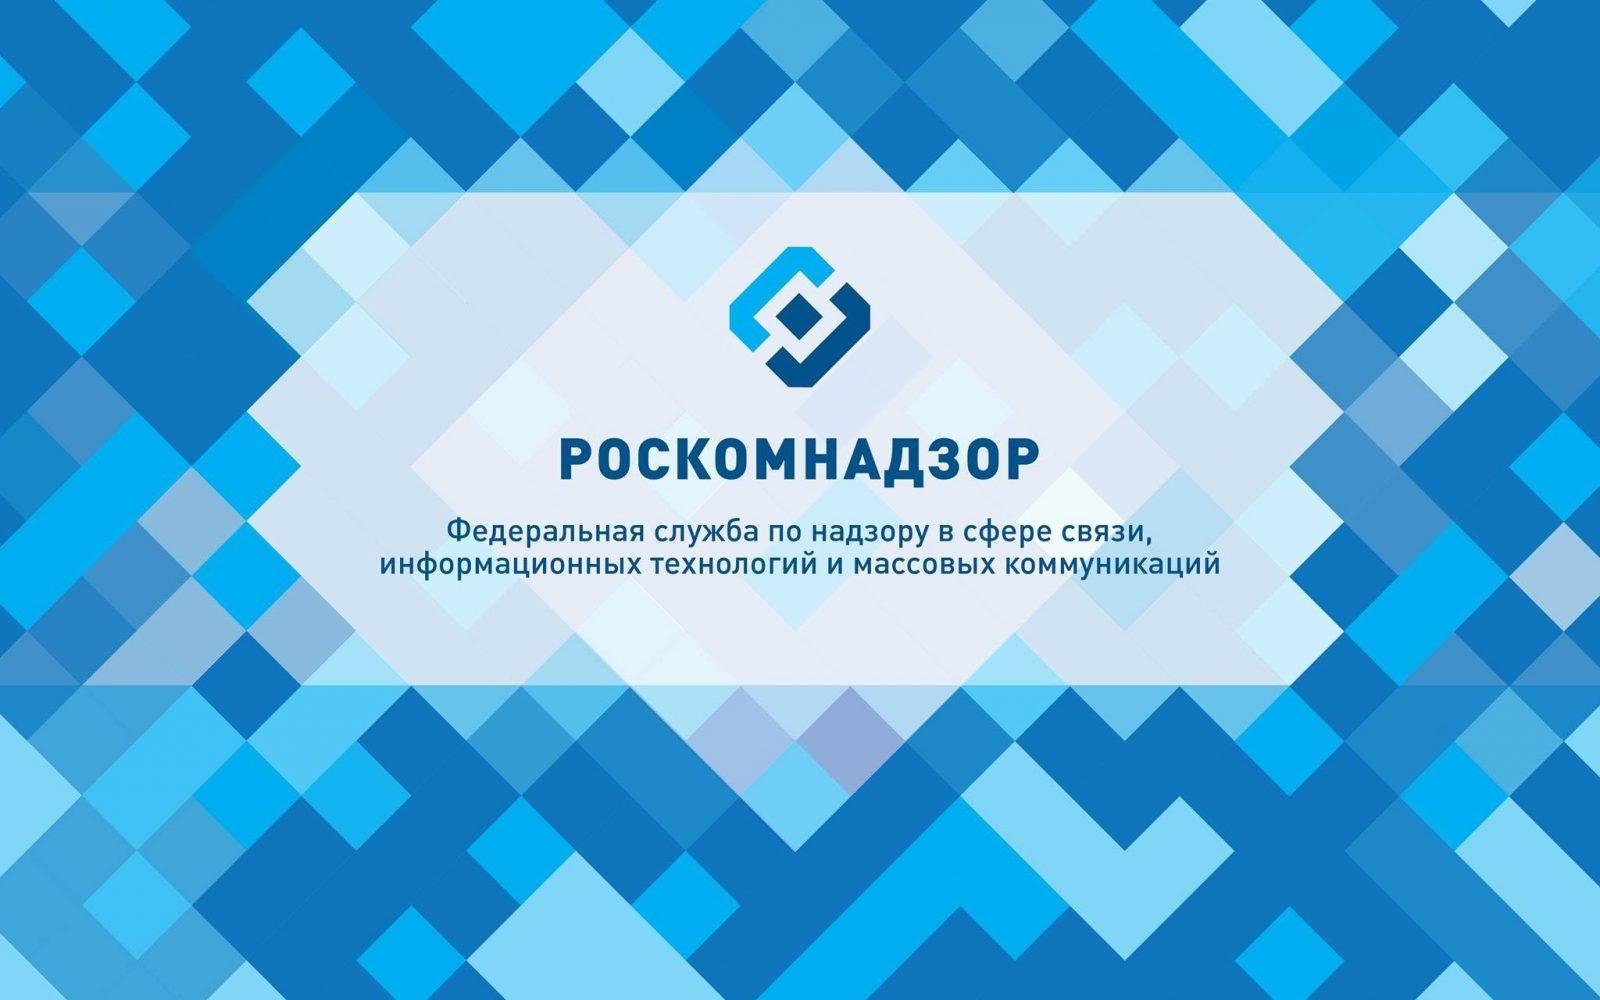 Новее приложение для подачи сообщений на запрещенный контент от Роскомнадзора